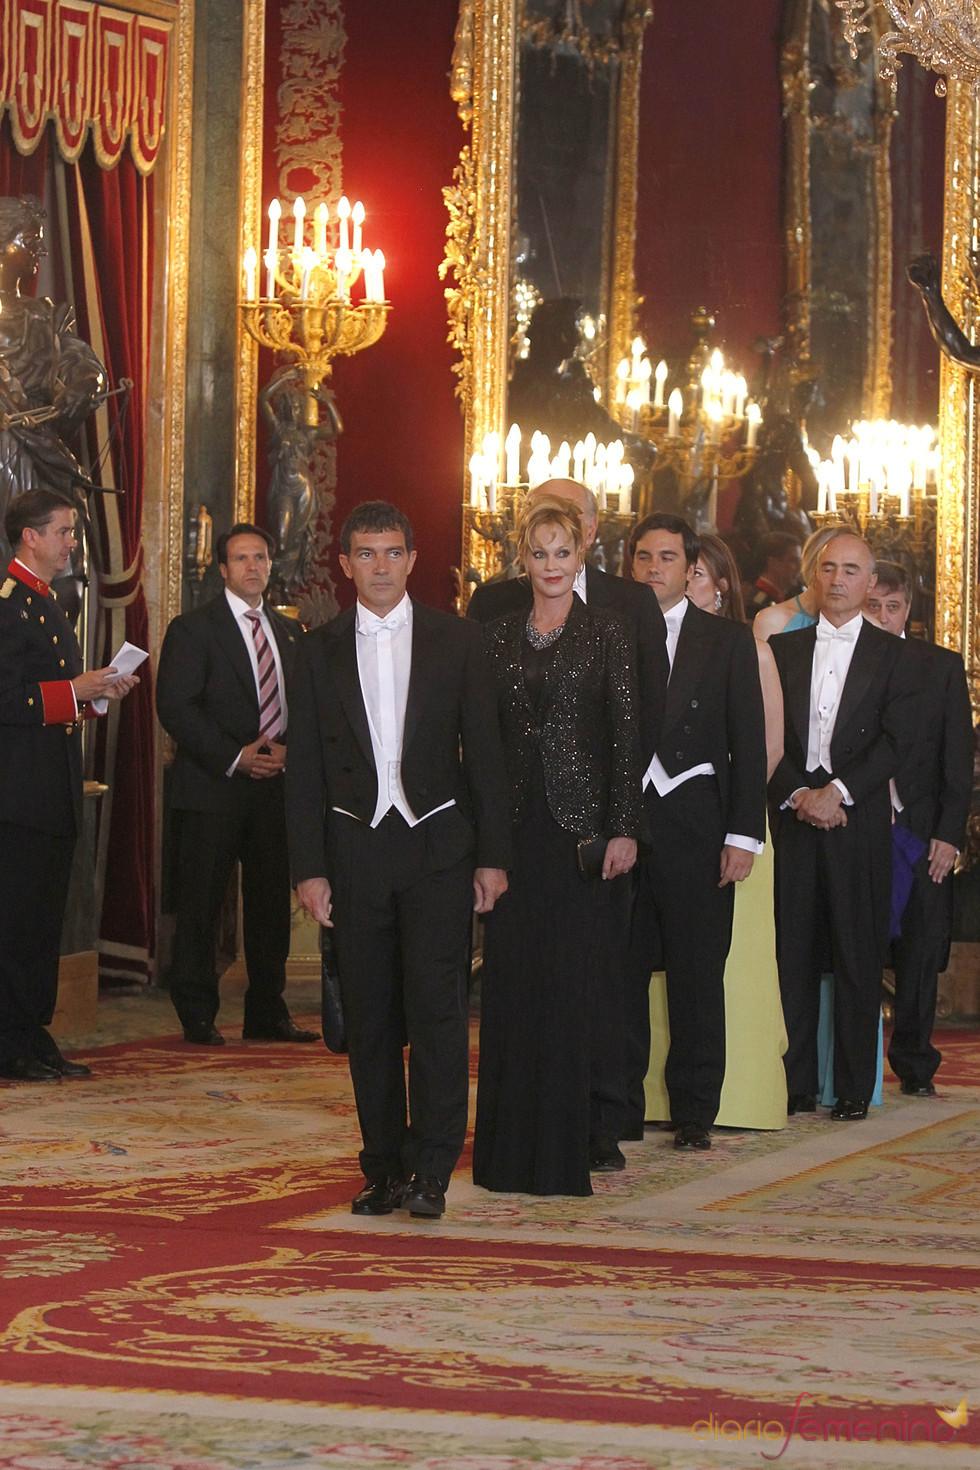 Antonio Banderas y Melanie Griffith en la cena de gala en honor al emir de Qatar